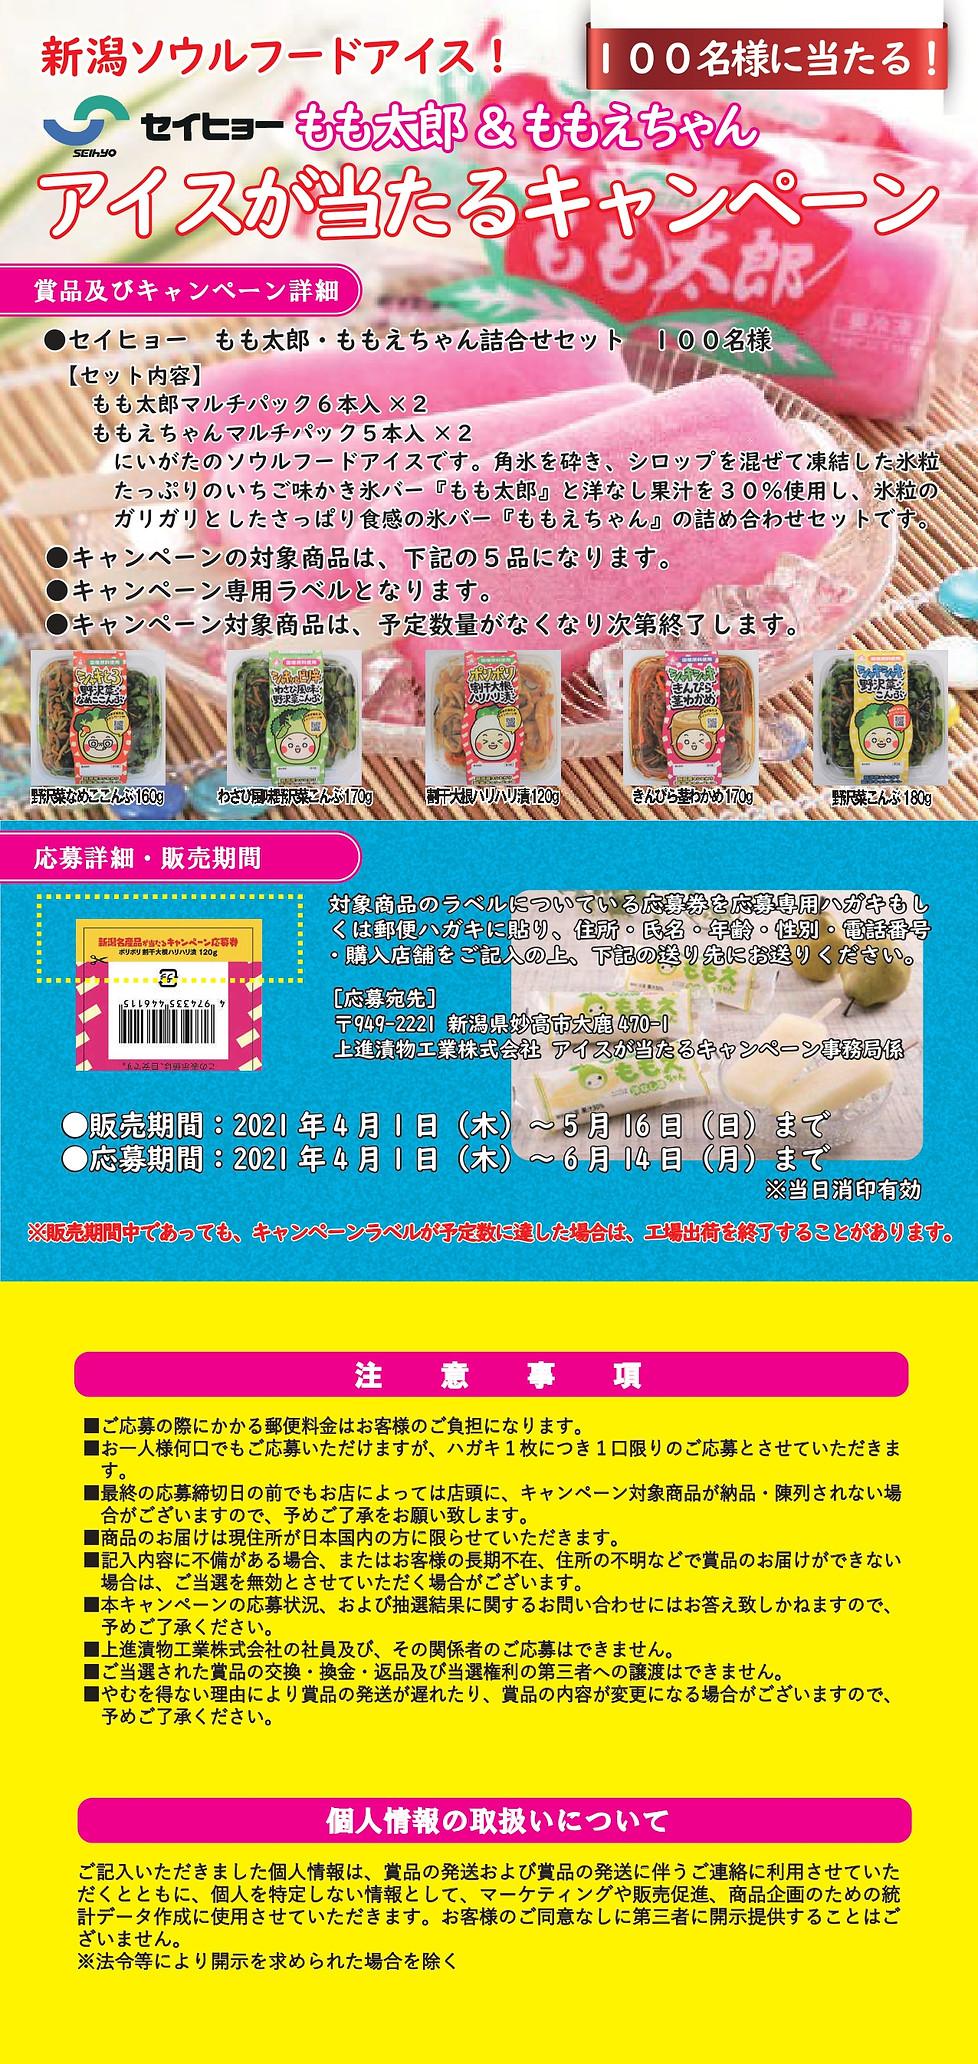 キャンペーン2020:HP用(大ページ)_compressed_page-000